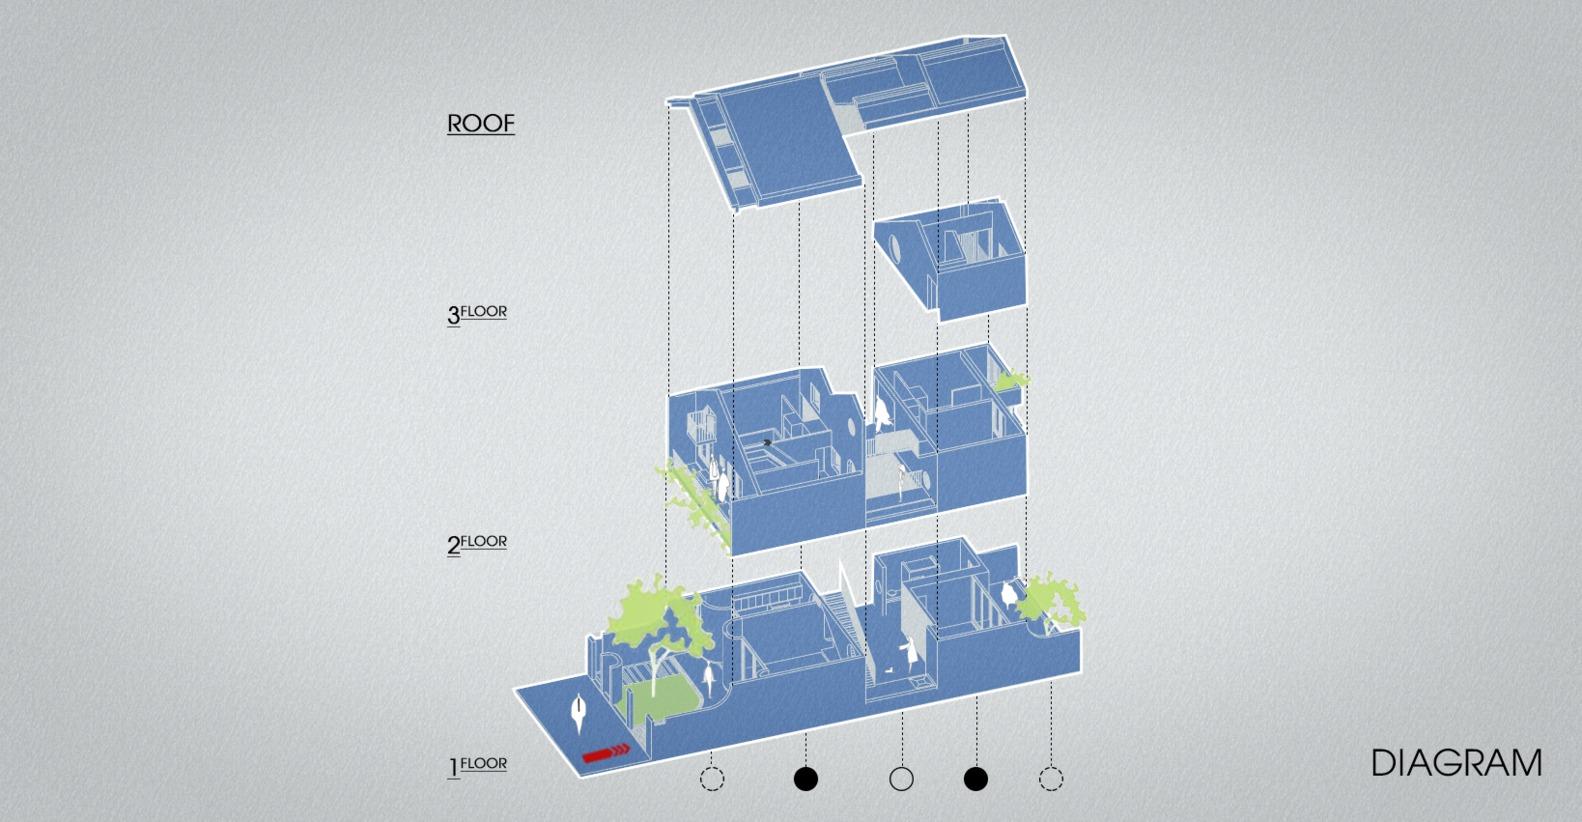 Phối cảnh cấu trúc các tầng nhà